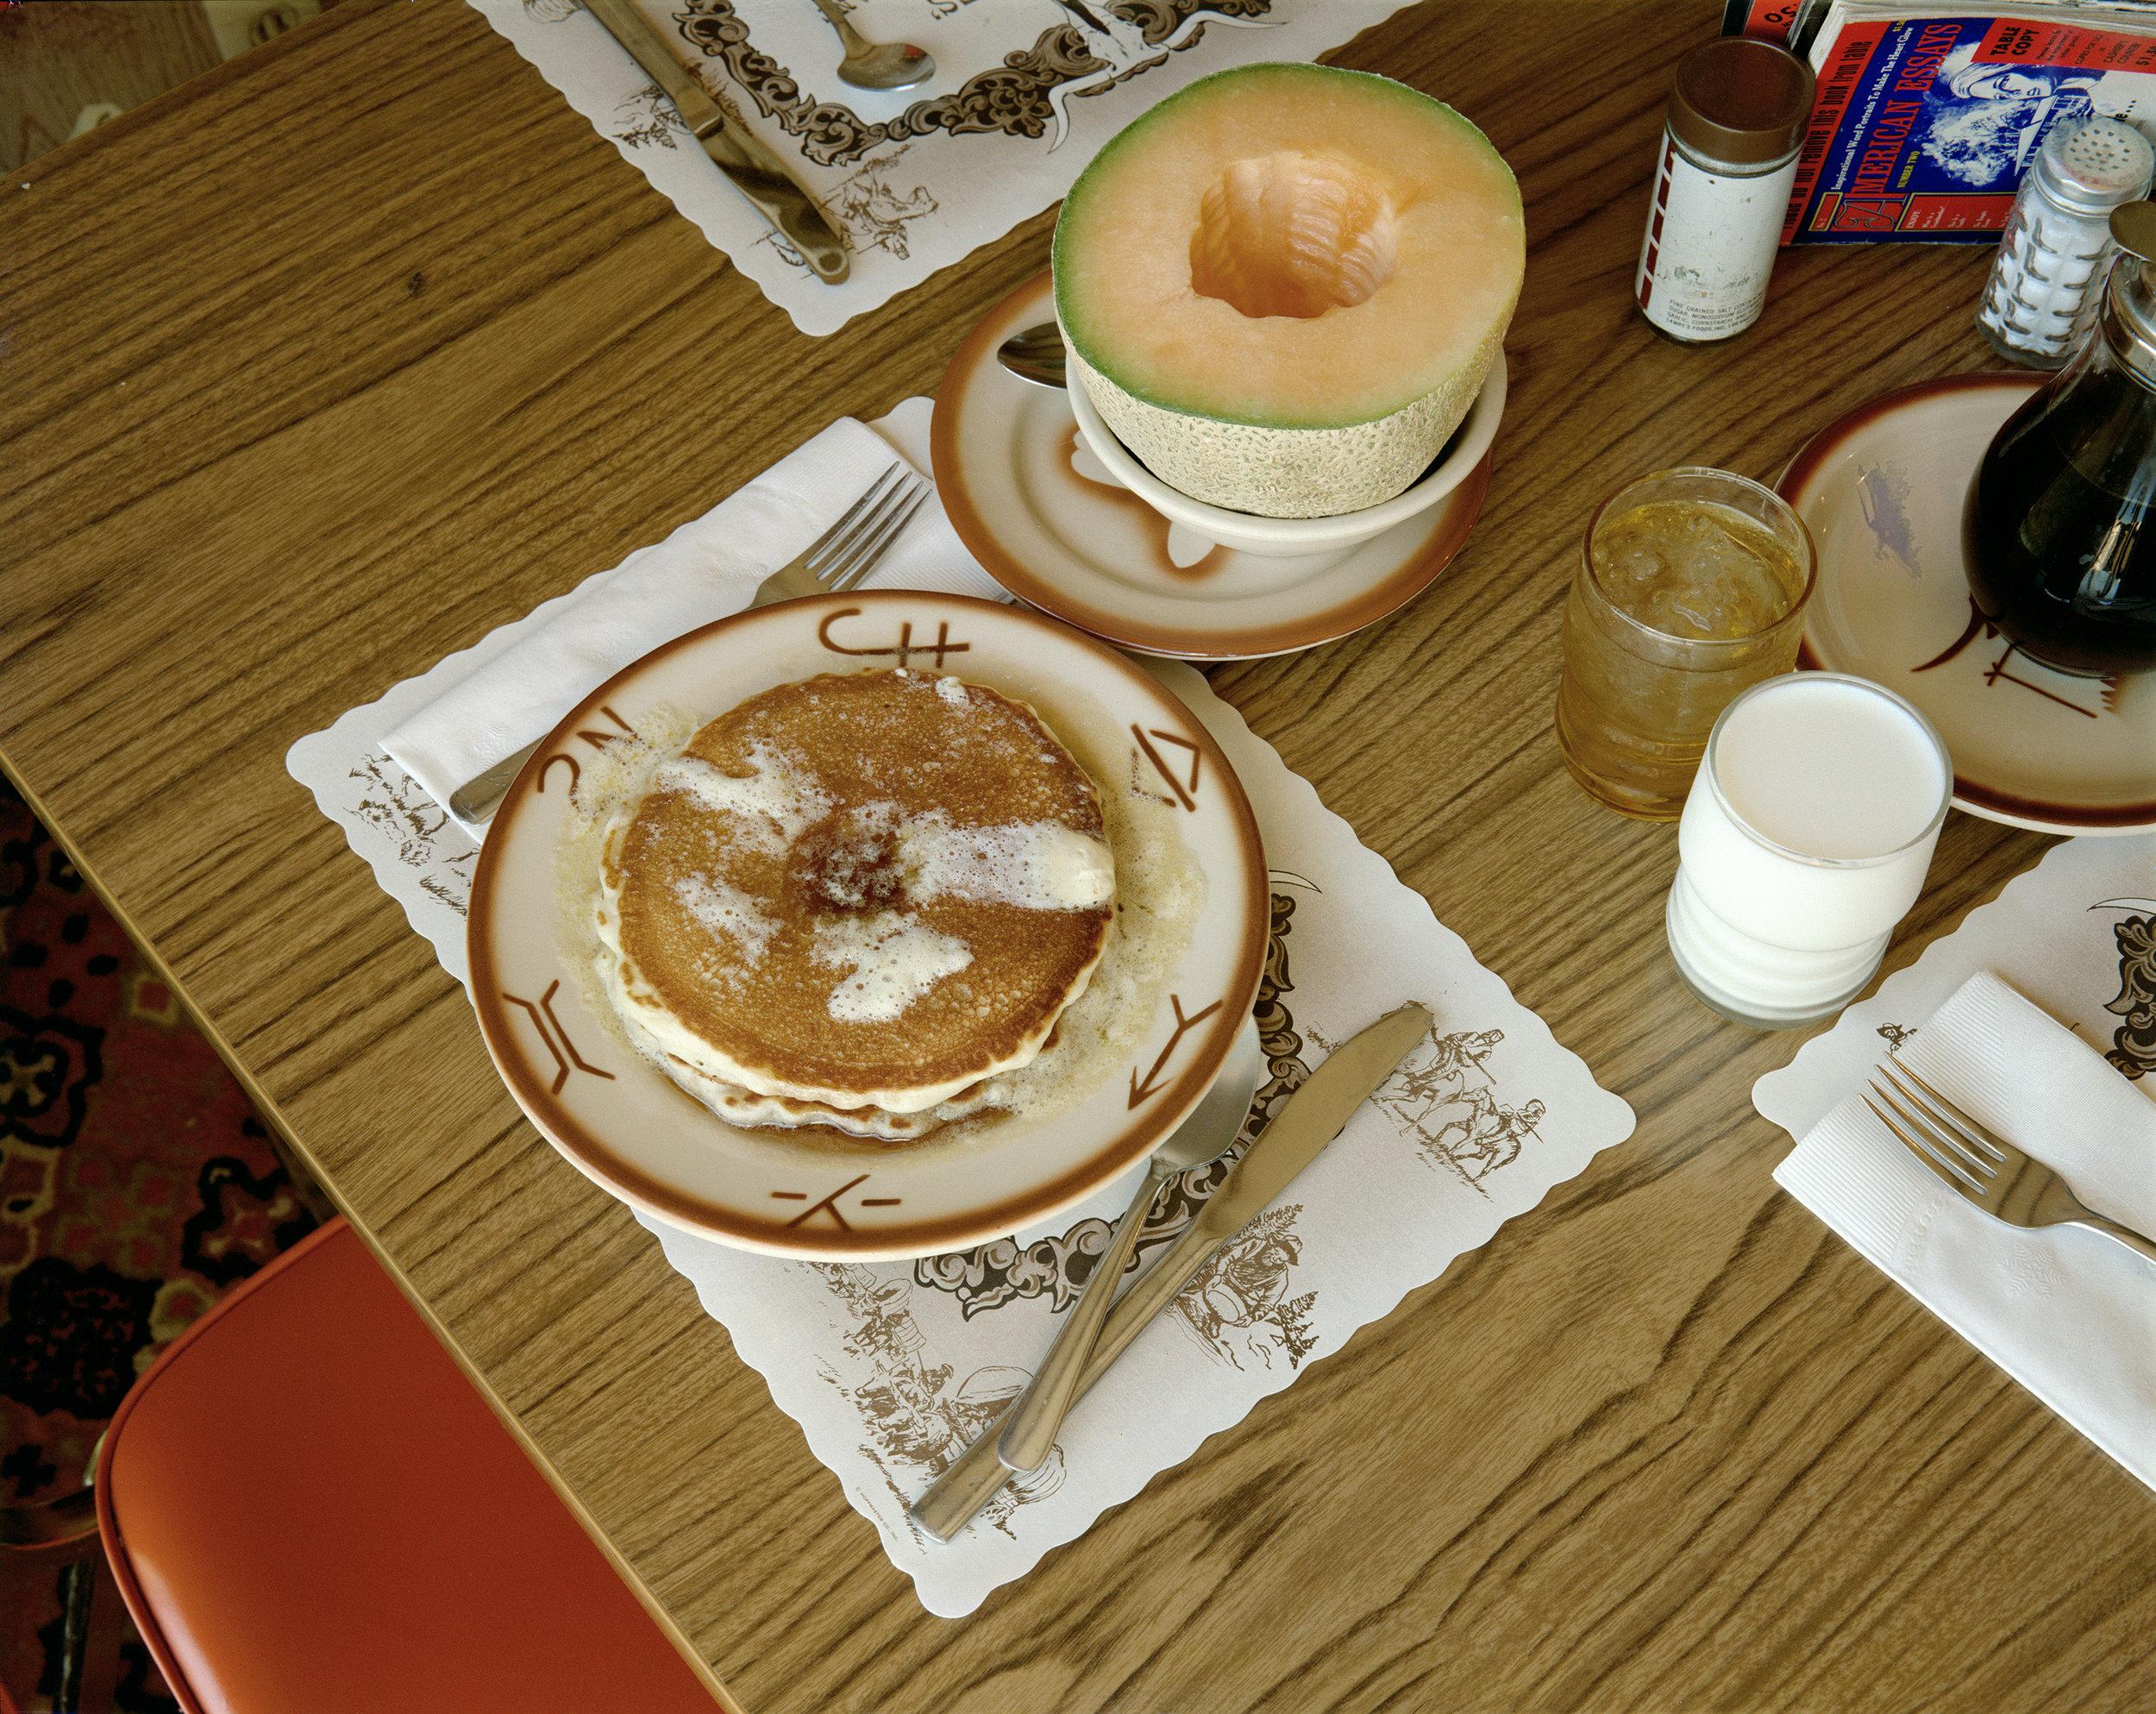 Stephen Shore.Breakfast, Trail's End Restaurant, Kanab, Utah, August 10, 1973. 1973. Chromogenic color print, 16 7/8 × 21 1/4″ (42.8 × 54 cm). The Museum of Modern Art, New York. Purchase. © 2017 Stephen Shore